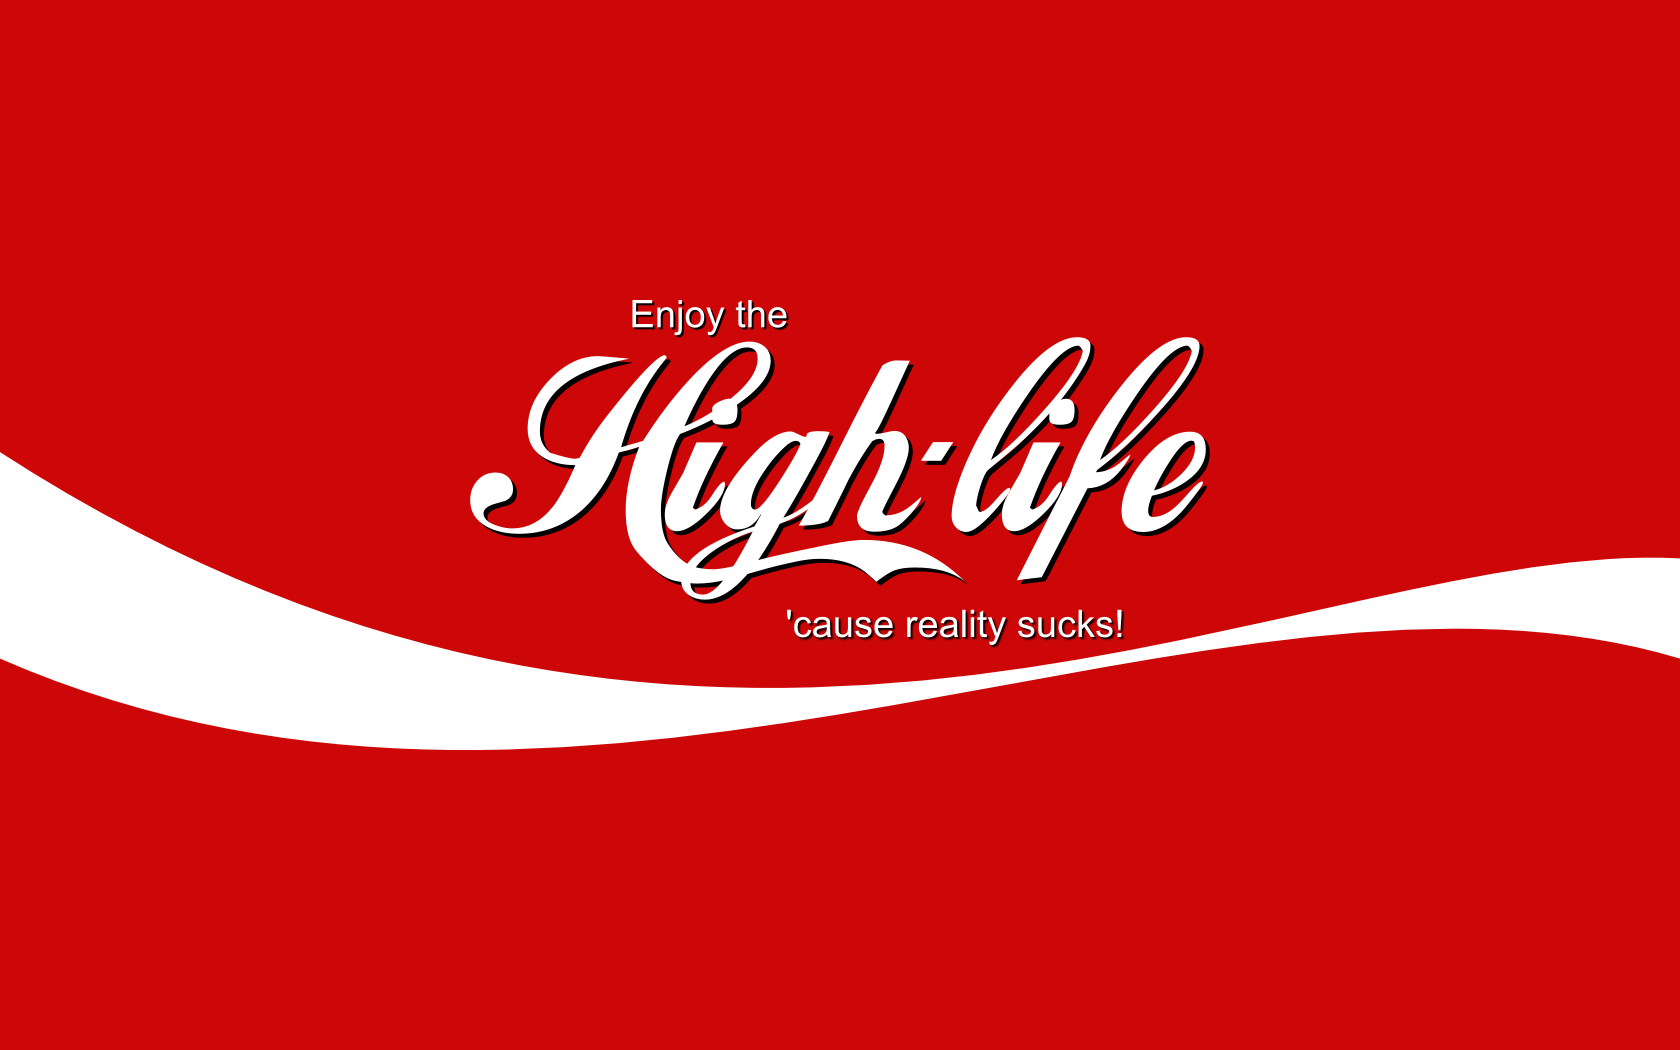 High Life By Daskai On Deviantart